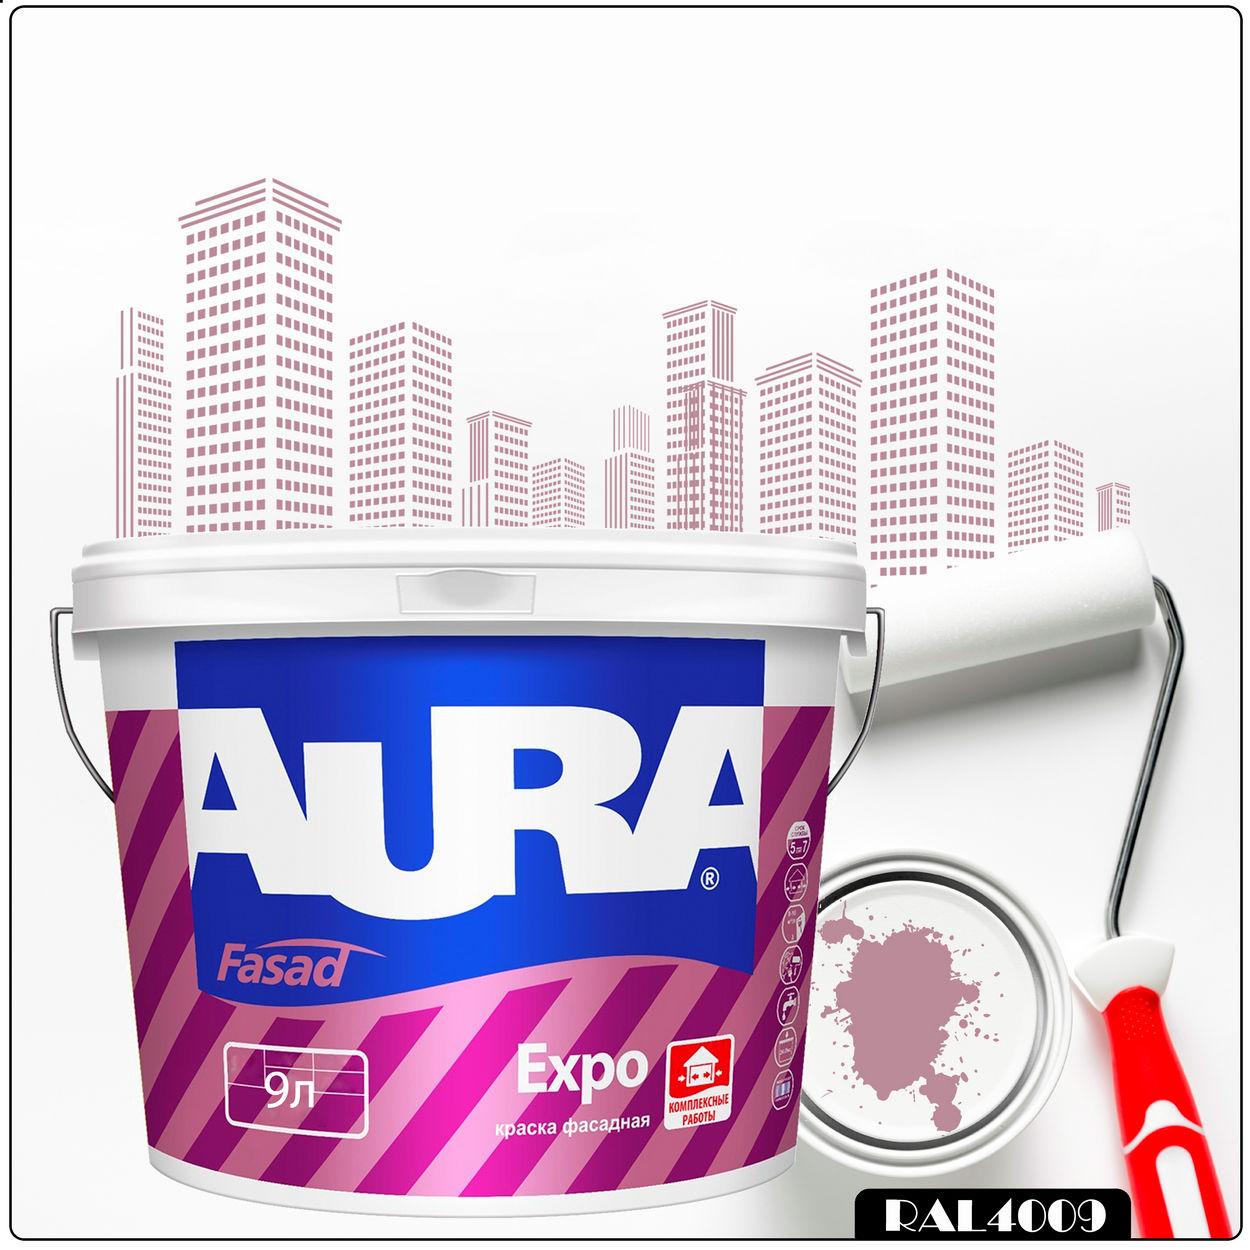 Фото 1 - Краска Aura Fasad Expo, RAL 4009 Пастельно-фиолетовый, матовая, для фасадов и помещений с повышенной влажностью, 9л.